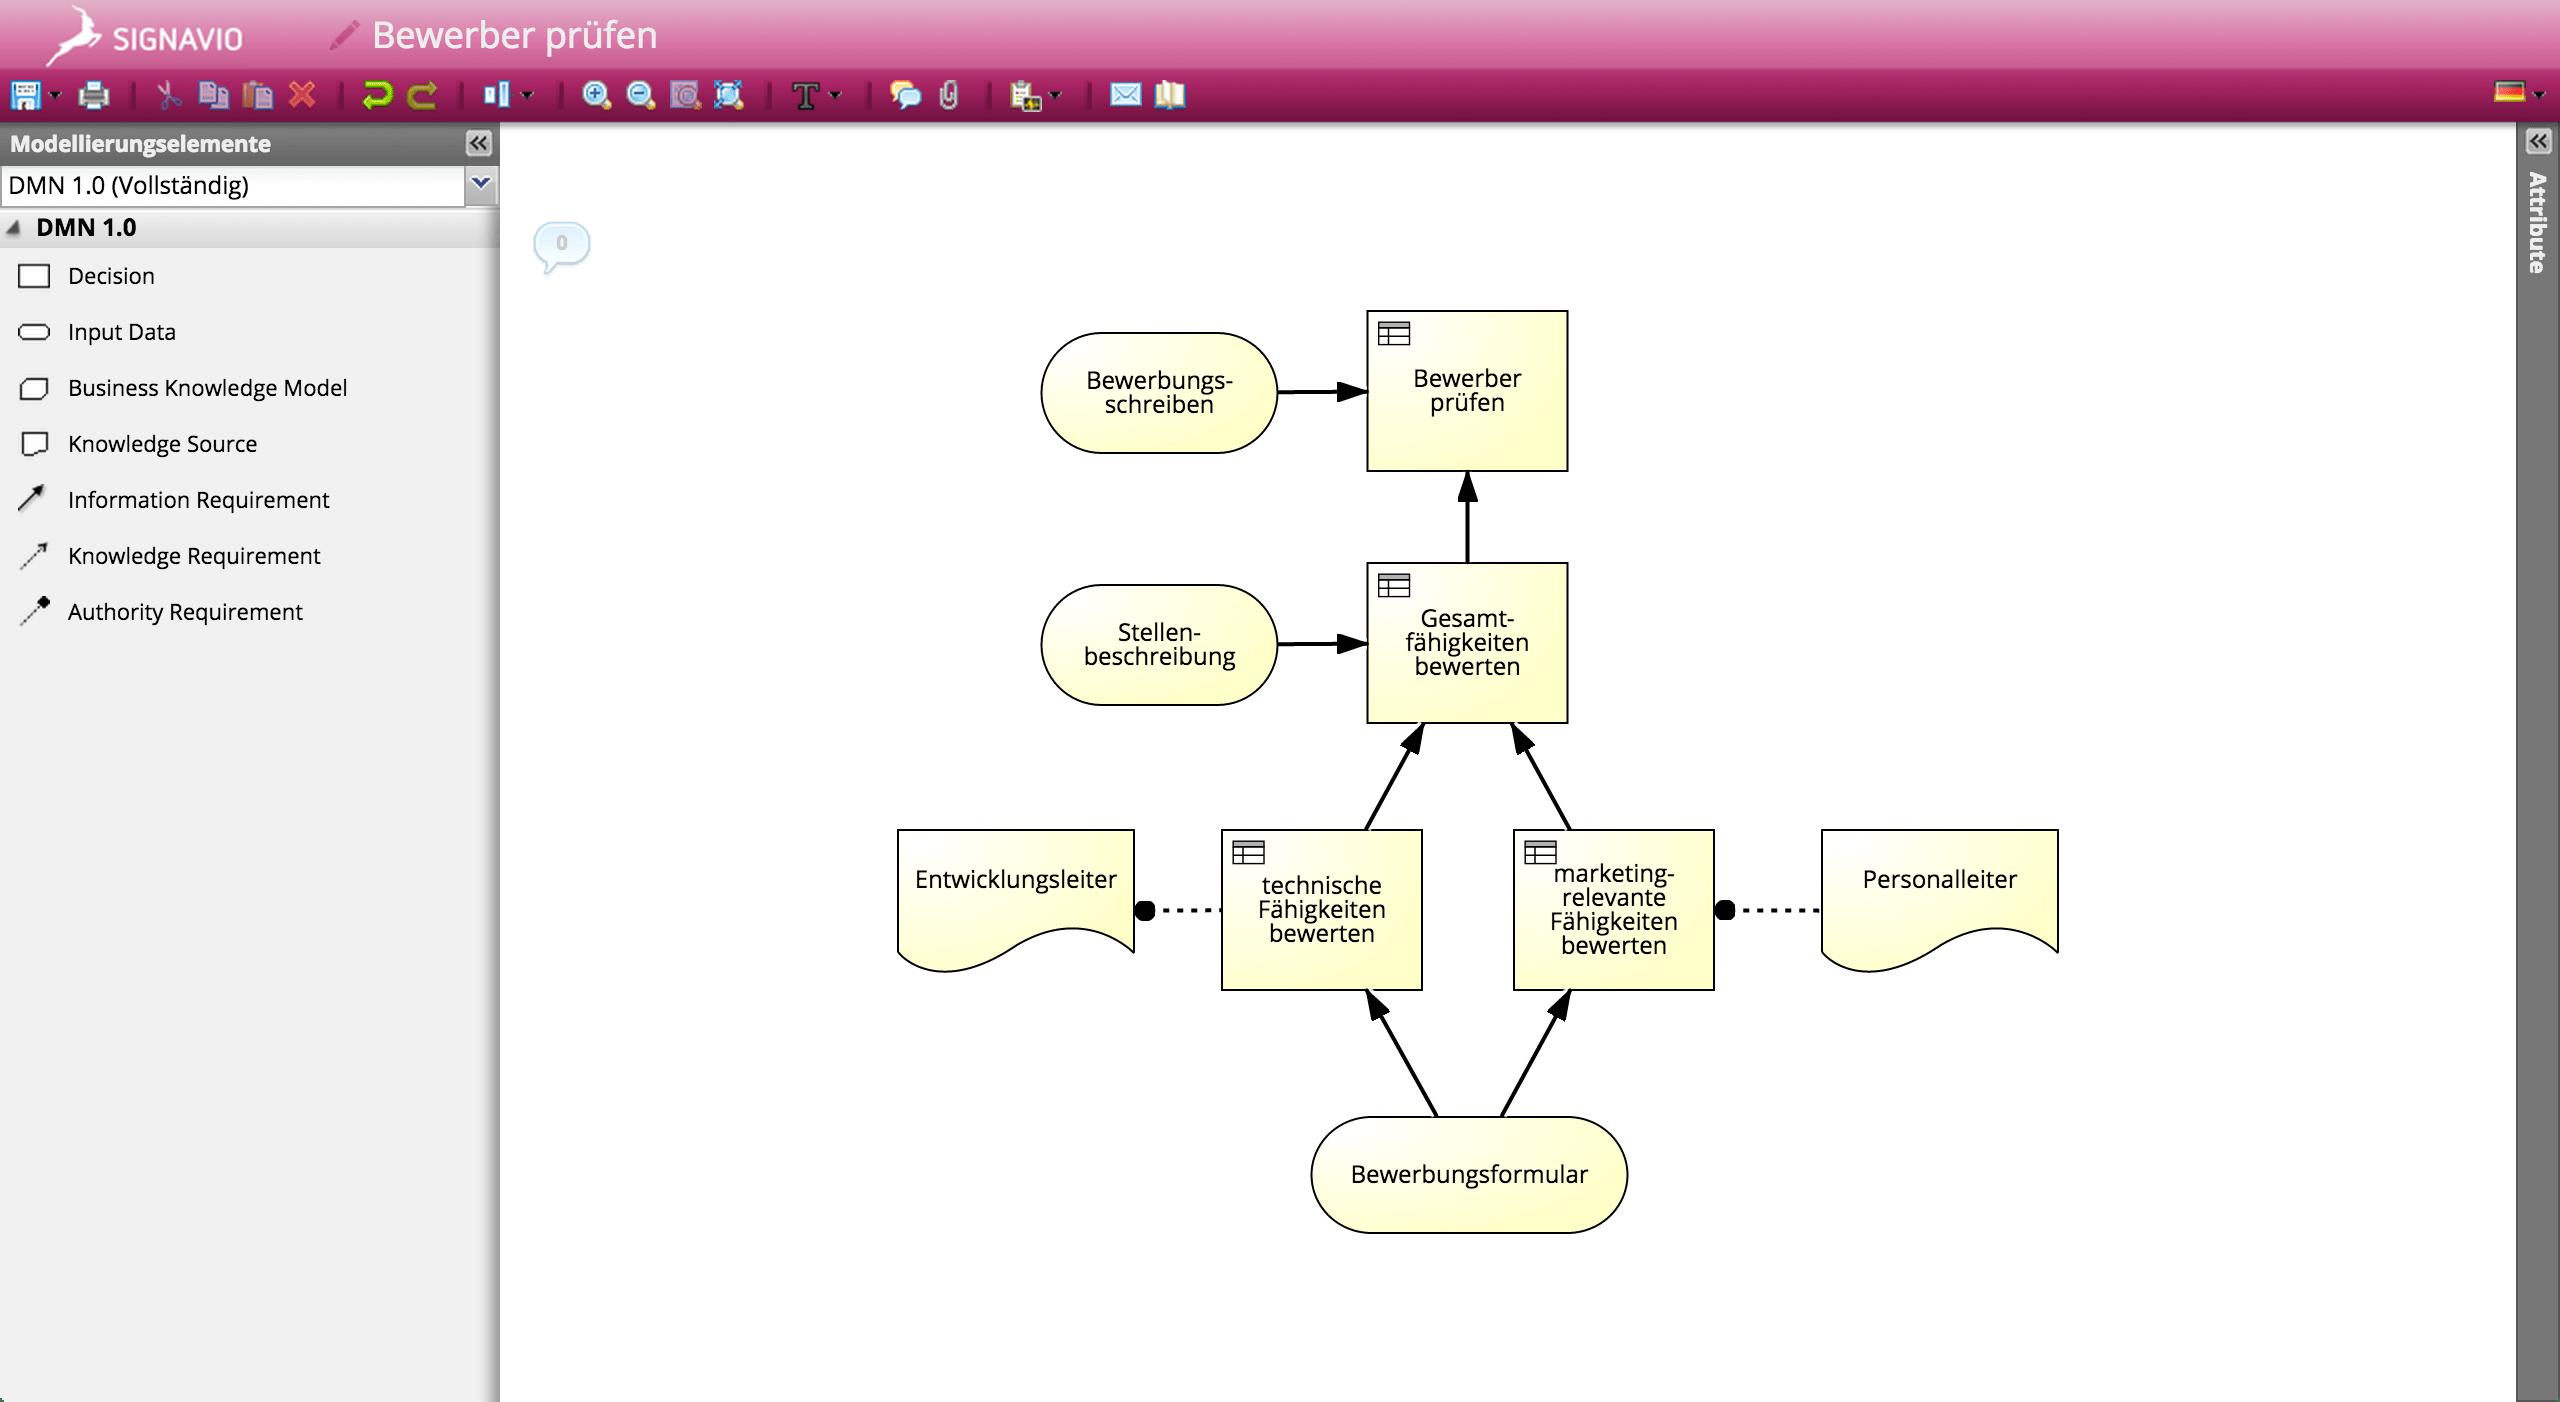 Entscheidungsdiagramm DMN 1.0 Signavio Process Manager - Screenshot